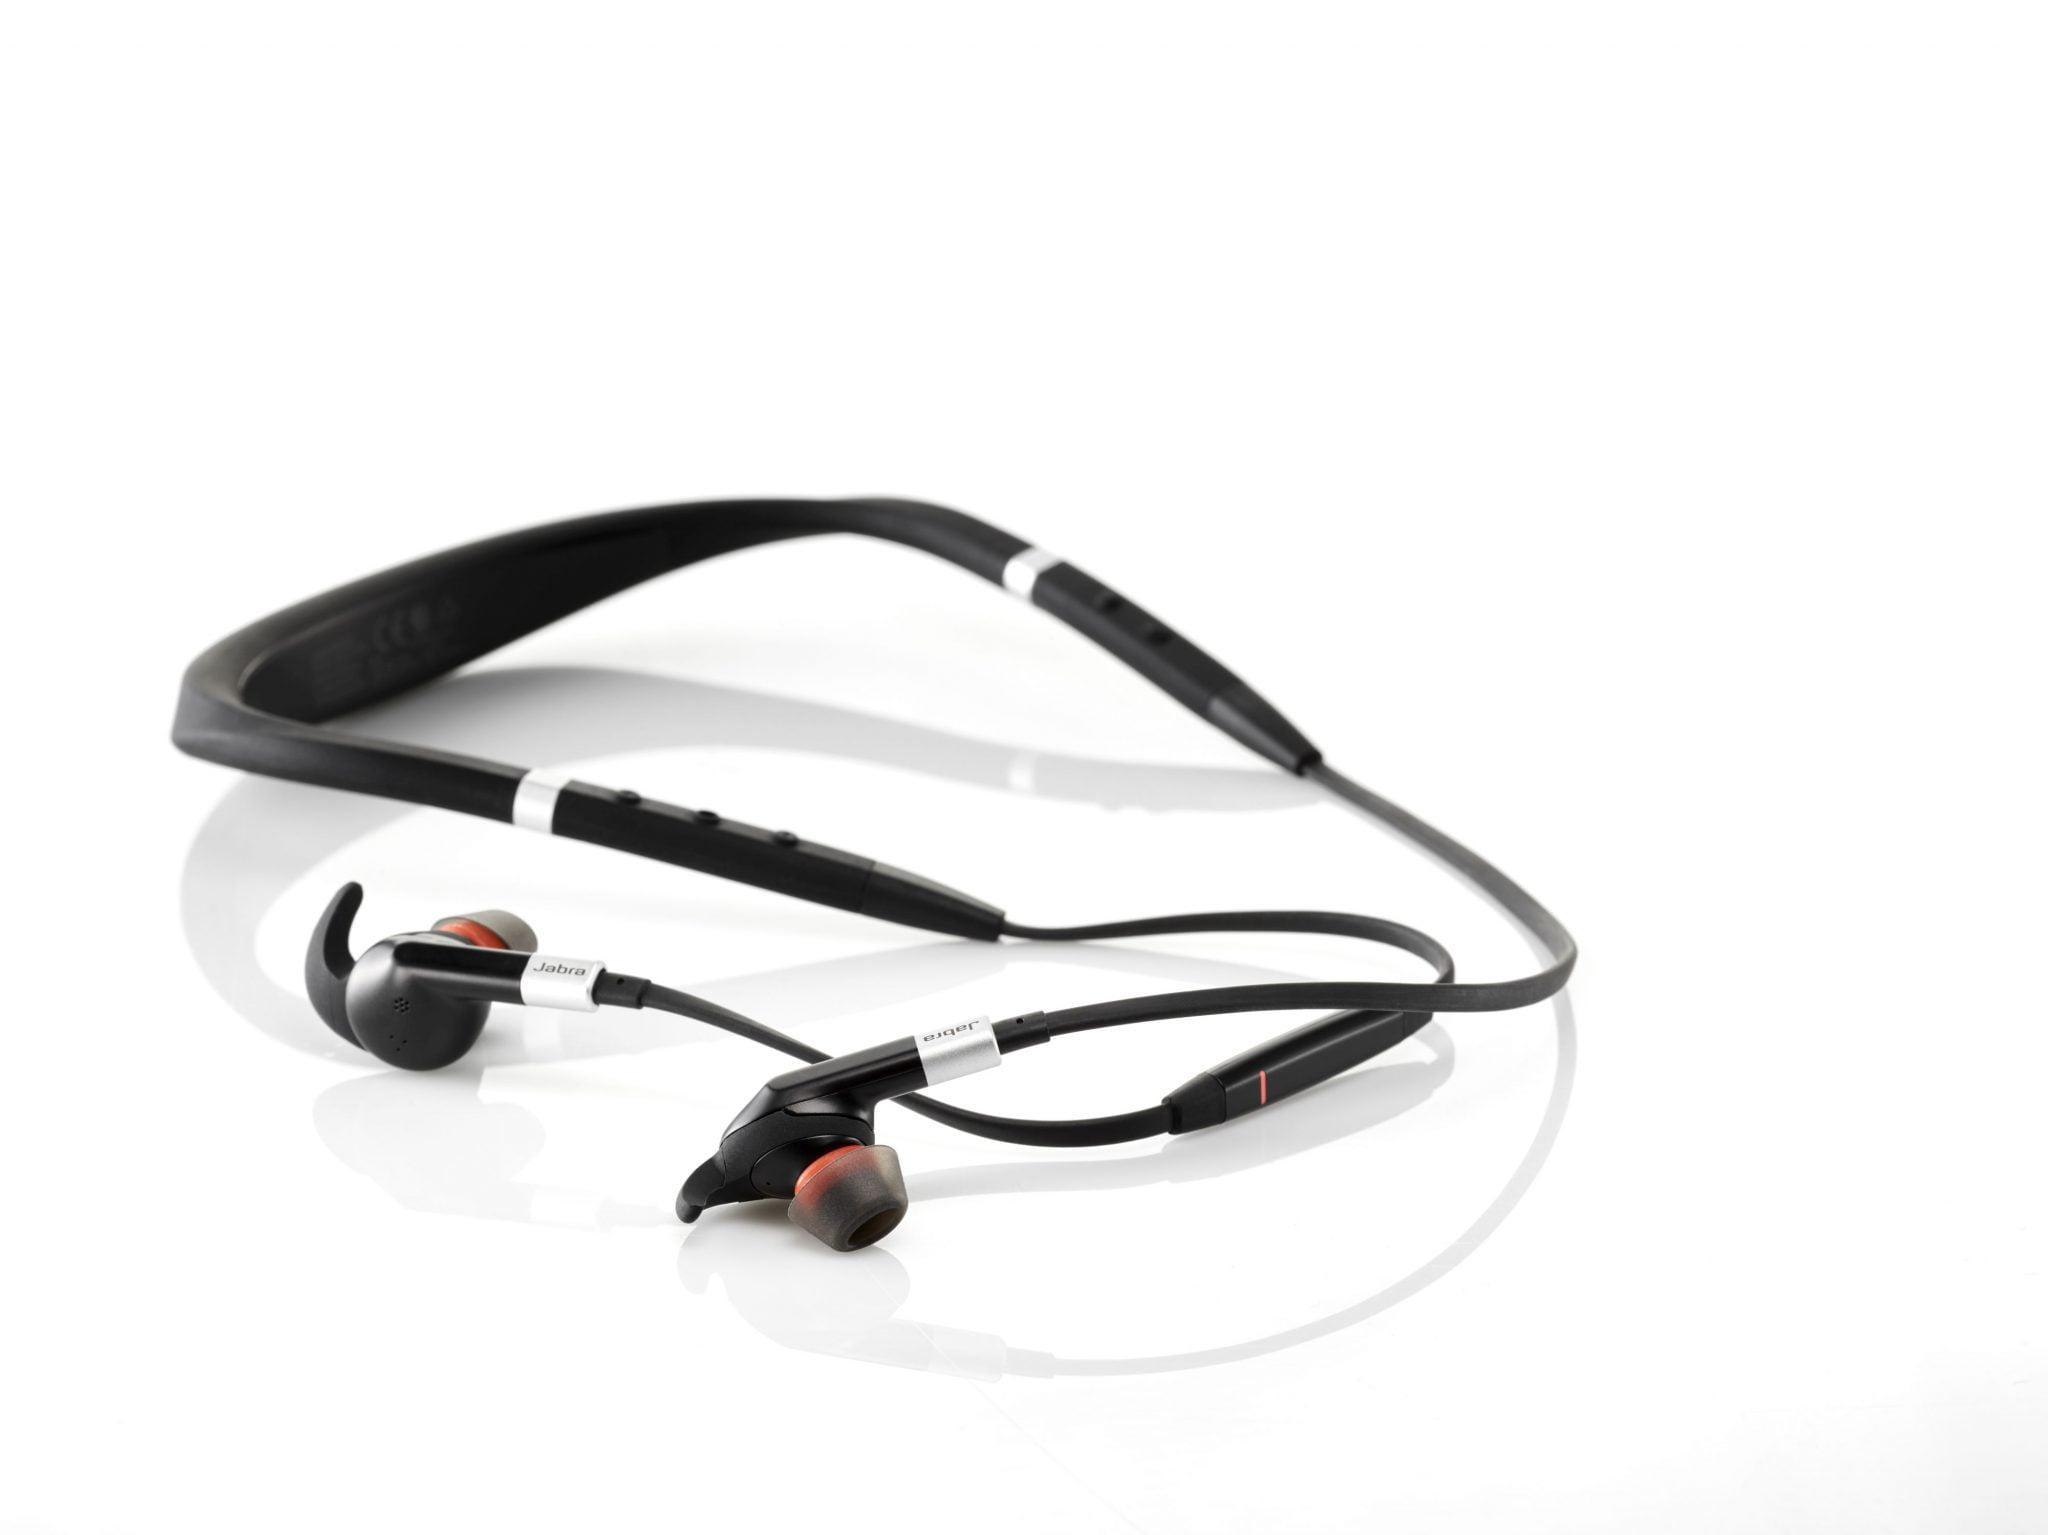 Jabra amplia la gamma Evolve con i primi auricolari wireless per le Unified Communication 2